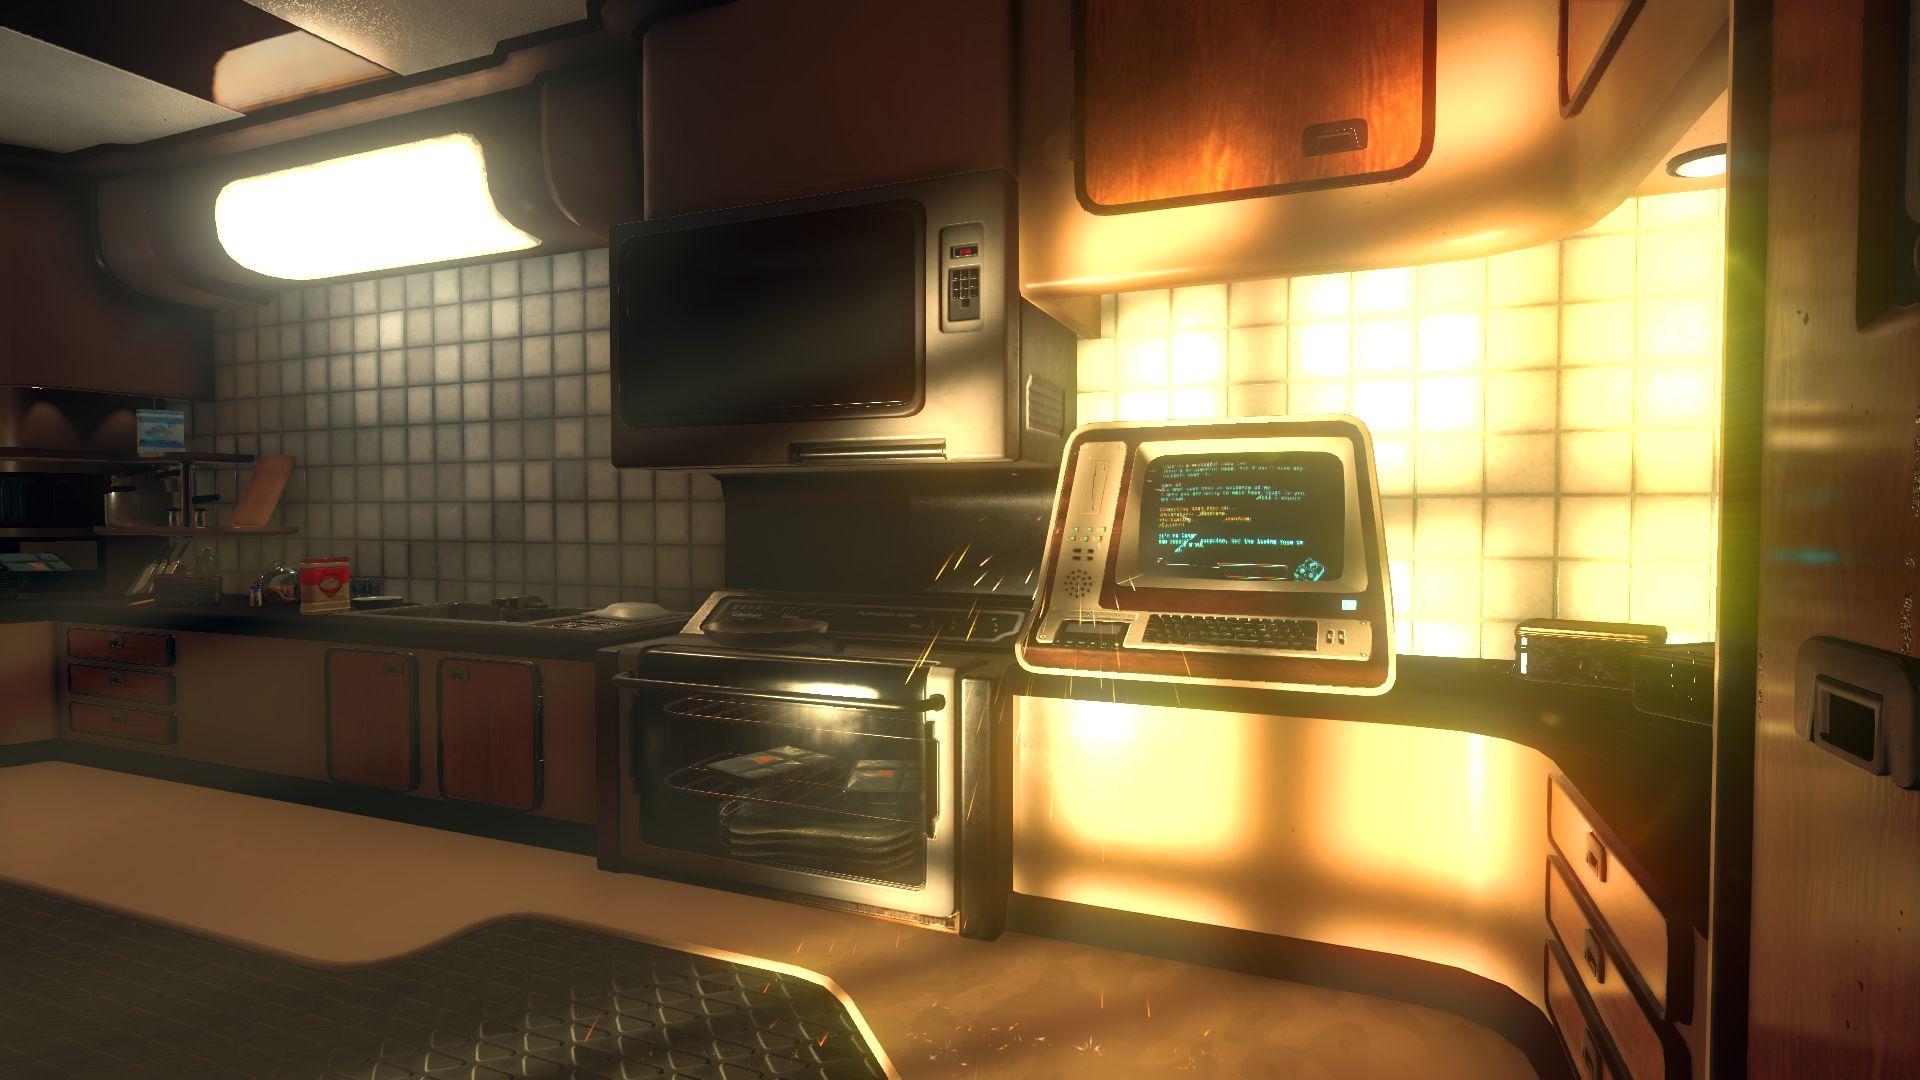 event0-screenshot-01